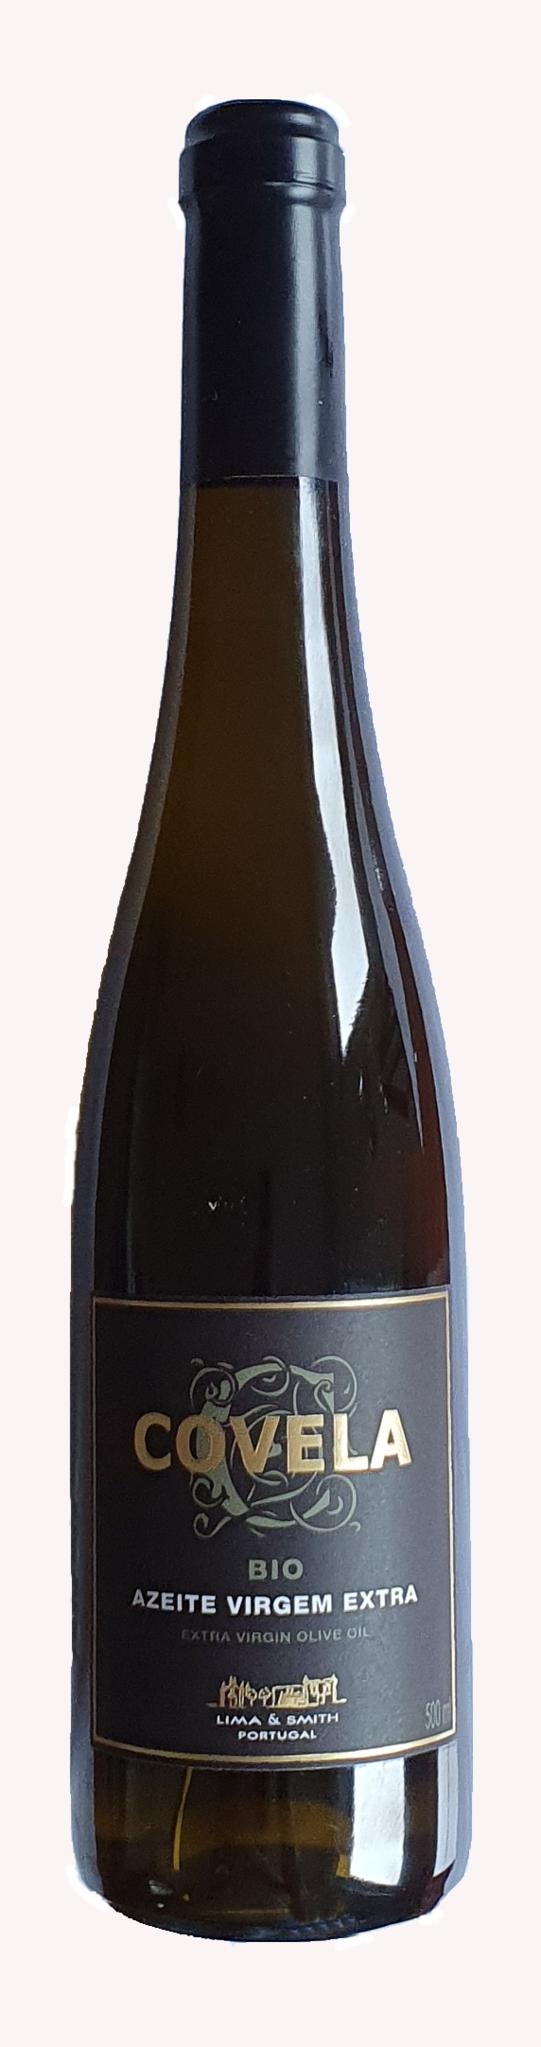 Lima Smith - Portugal Azeite virgem extra olive oil, Quinta de Covela 0,5L